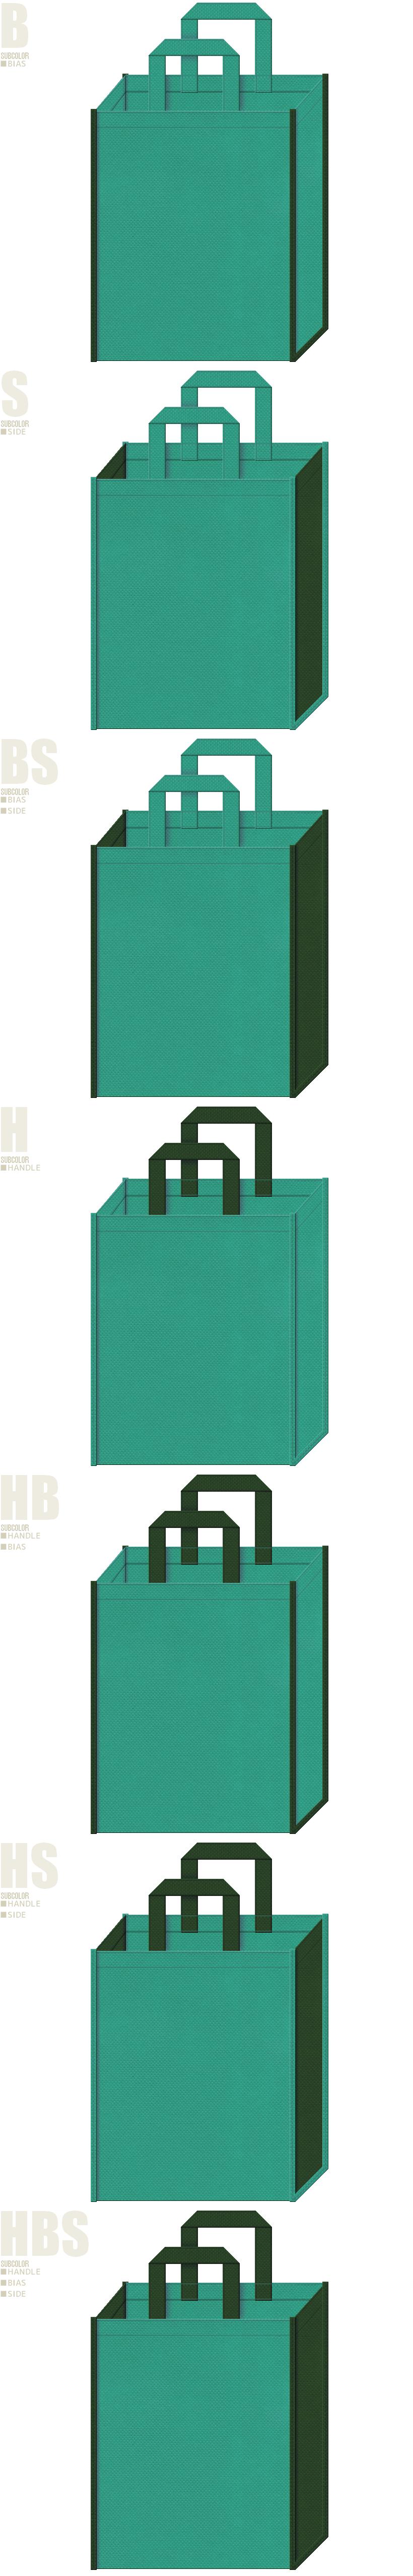 盆栽・造園・園芸用品の展示会用バッグにお奨めの不織布バッグデザイン:青緑色と濃緑色の不織布バッグ配色7パターン。